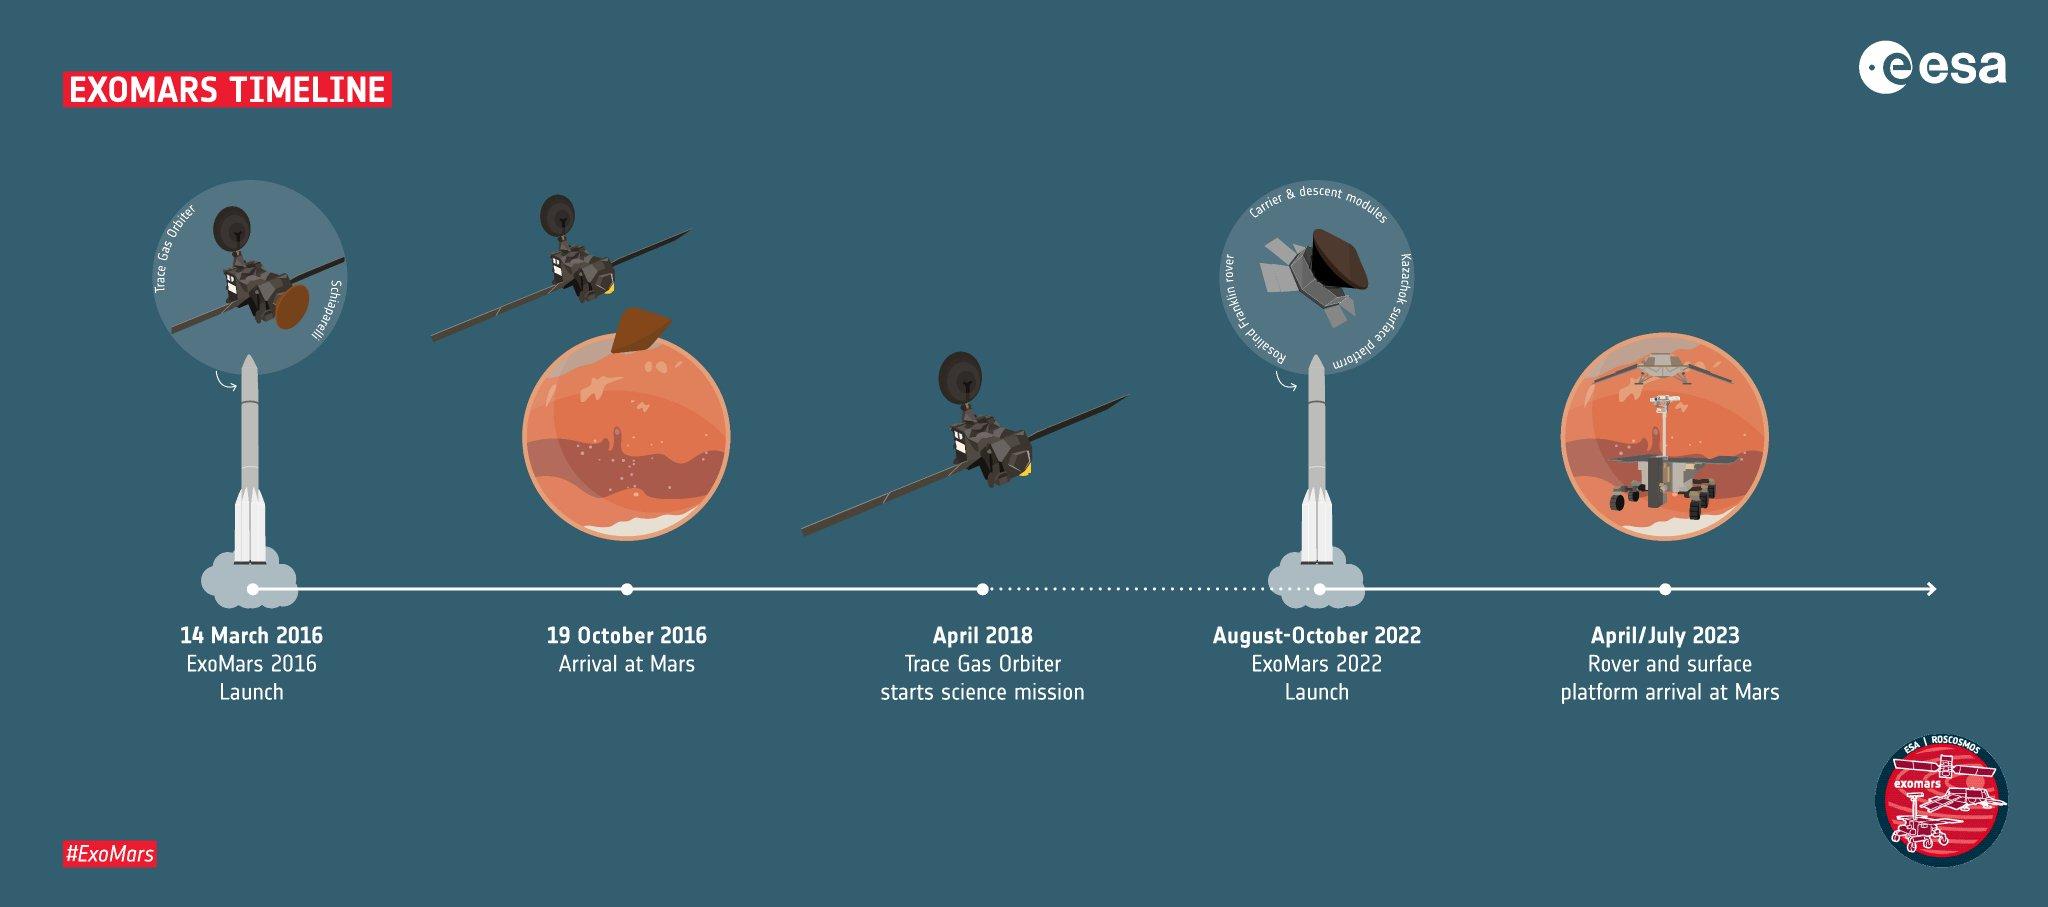 ExoMars - 2022 - Préparation de la mission (Rosalind Franklin) - Page 14 ES52icEX0AELyns?format=jpg&name=large